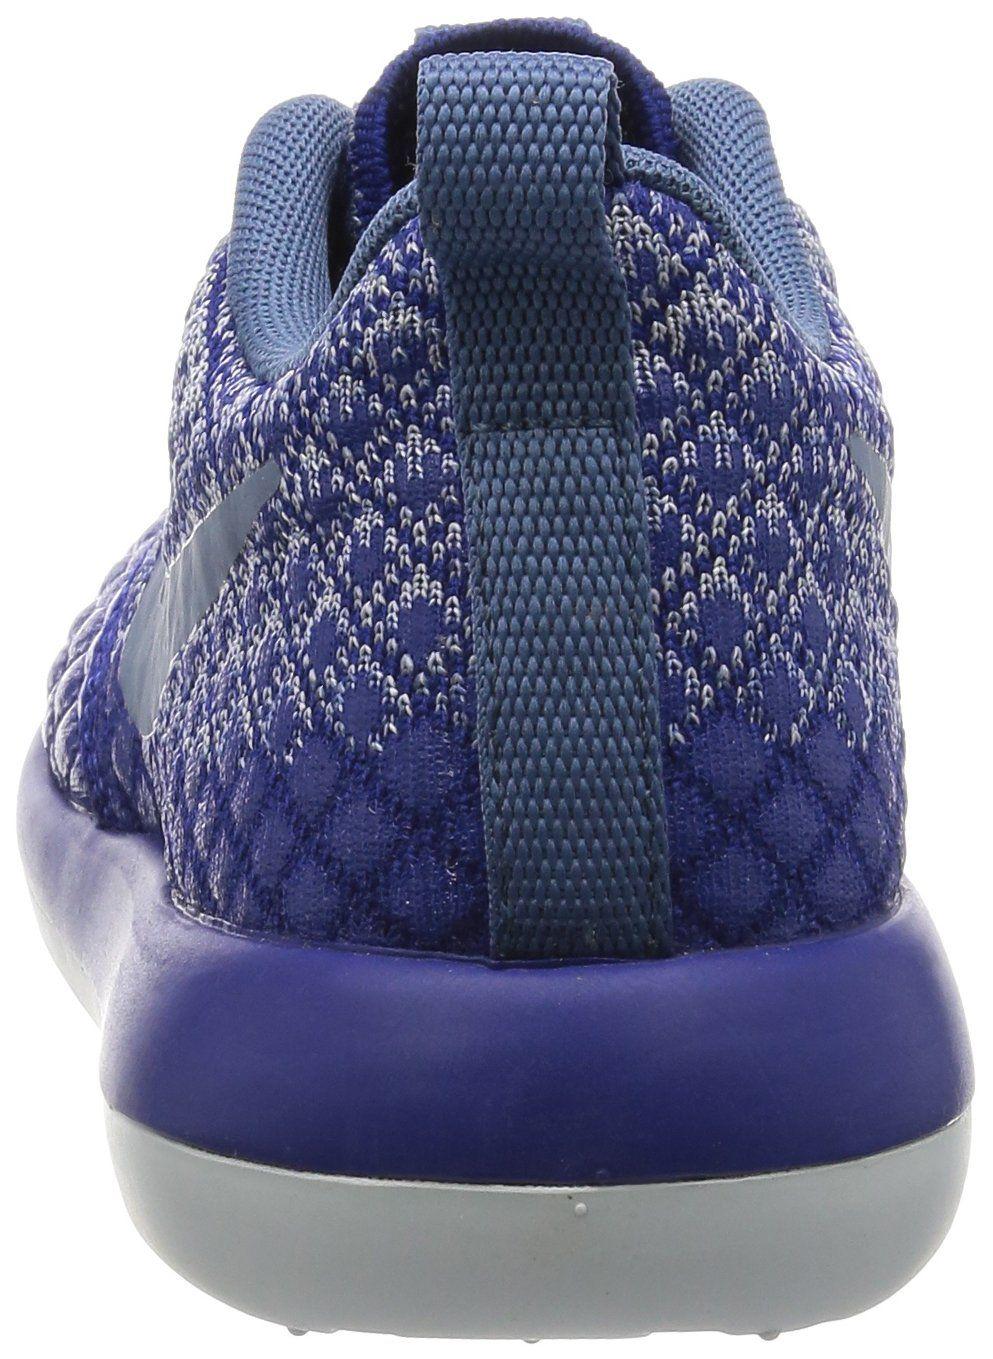 low cost ce31b f58bf NIKE W Roshe Two Flyknit 365 Womens Sneaker Blue 861706 400 Size 39